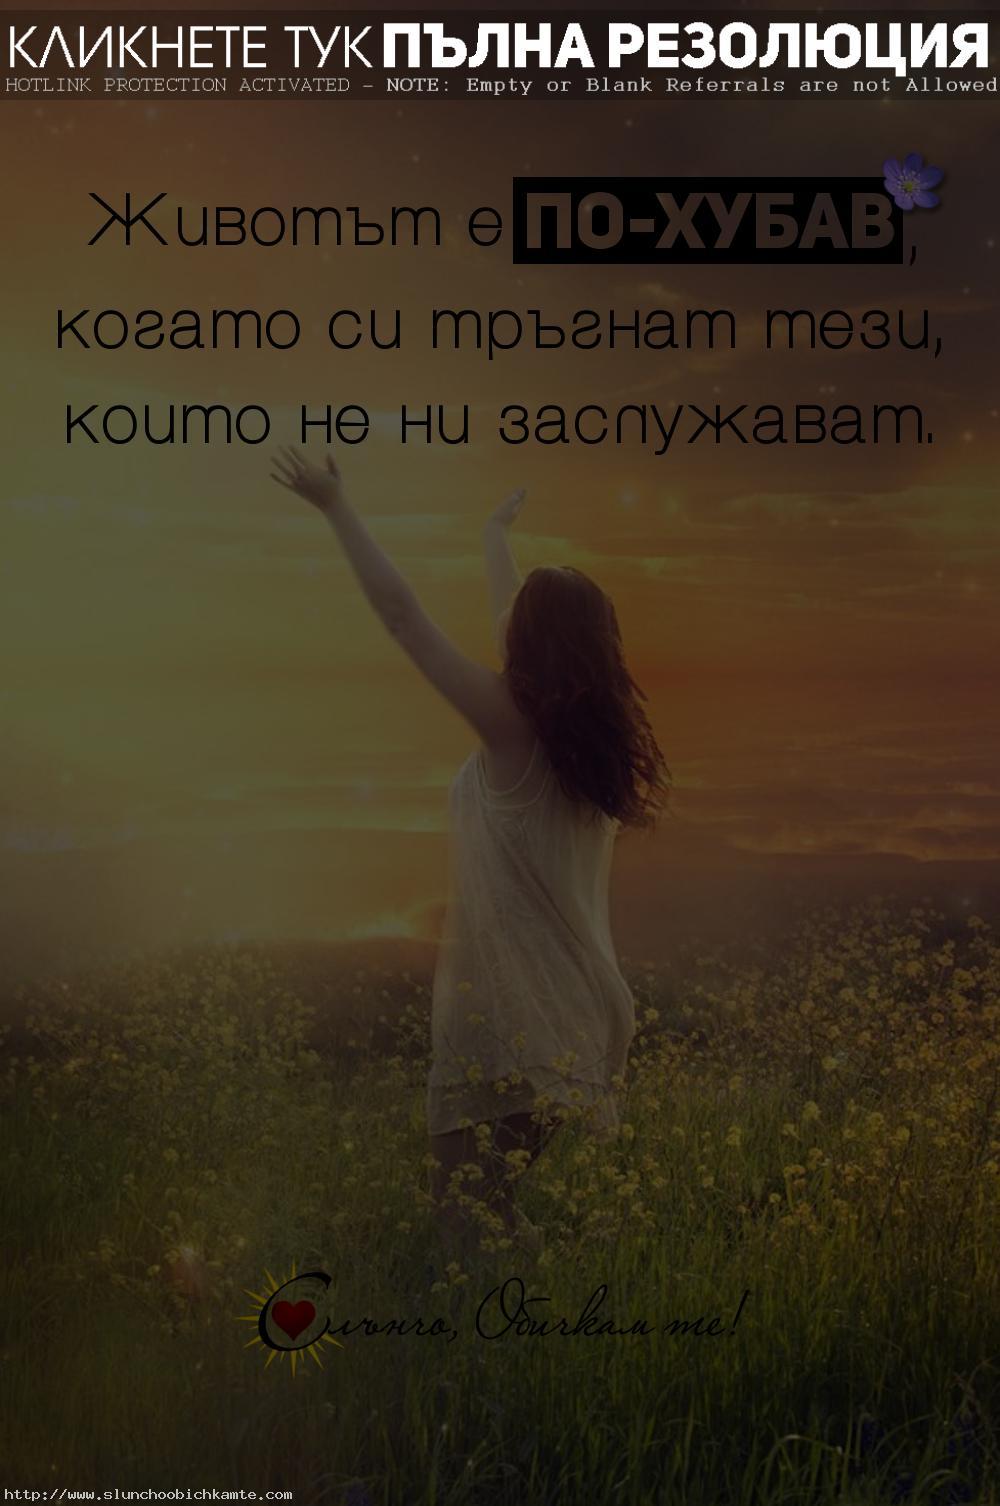 Животът е по хубав, когато си тръгнат тези, които не ни заслужават - фрази за любовта, любовни мисли, цитати, любов, обич, раздяла, несподелена любов, невъзможна любов